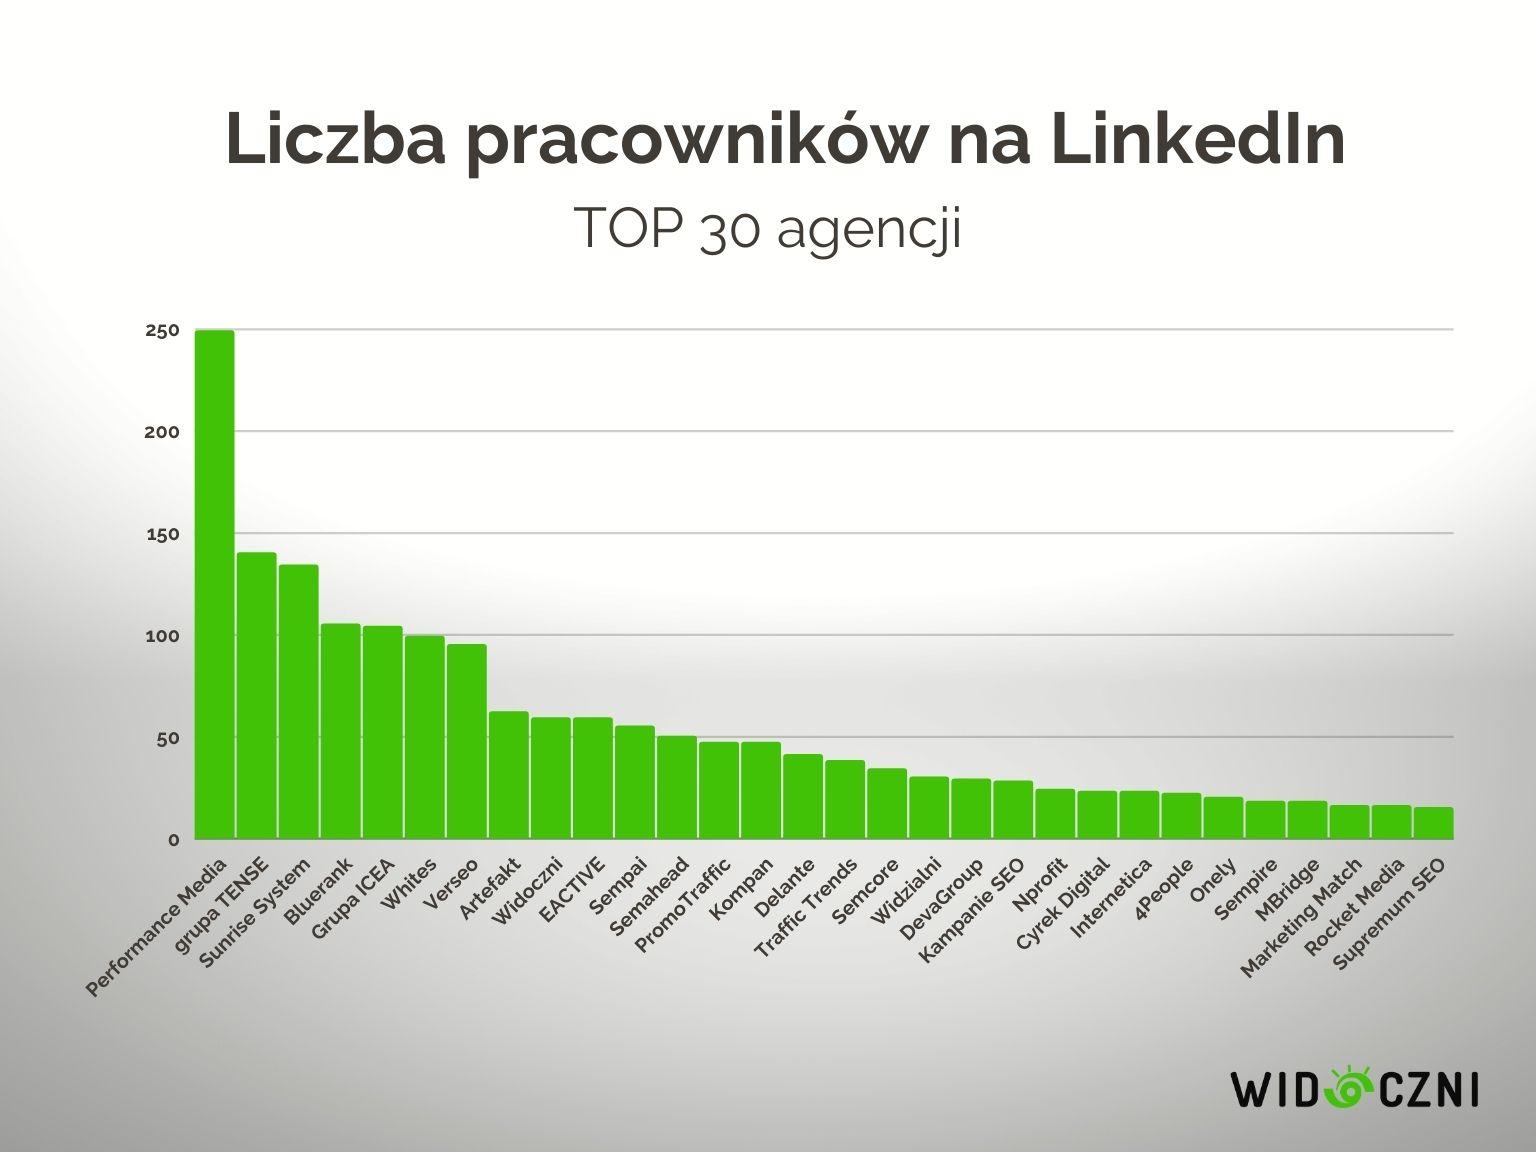 1 liczba pracownikow linkedin